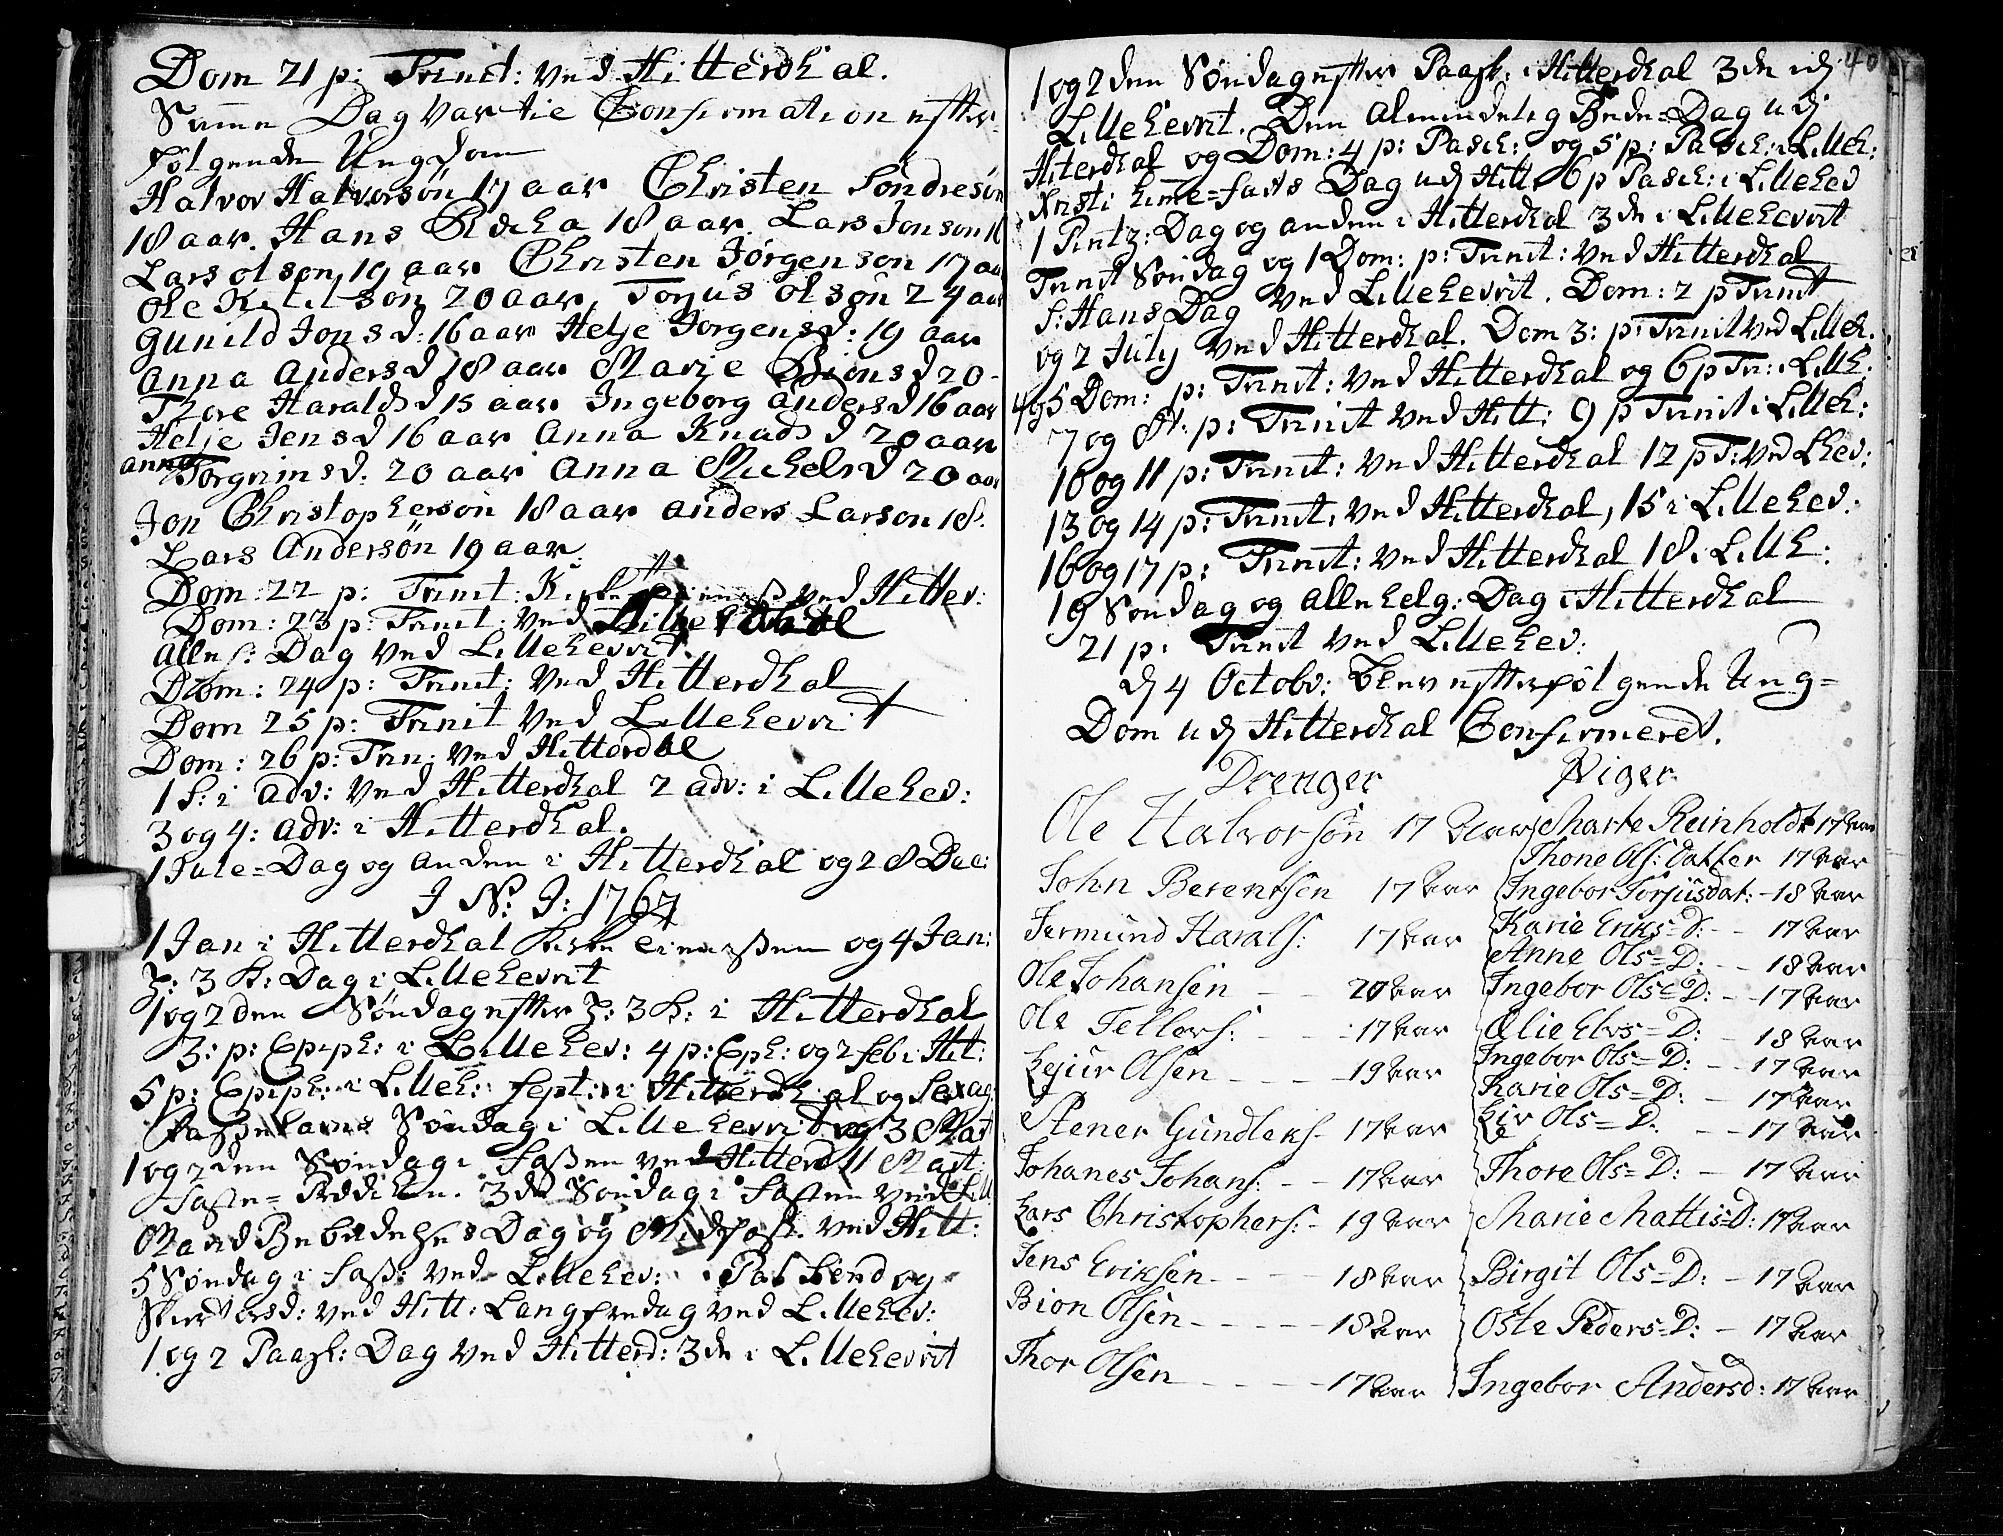 SAKO, Heddal kirkebøker, F/Fa/L0003: Ministerialbok nr. I 3, 1723-1783, s. 40